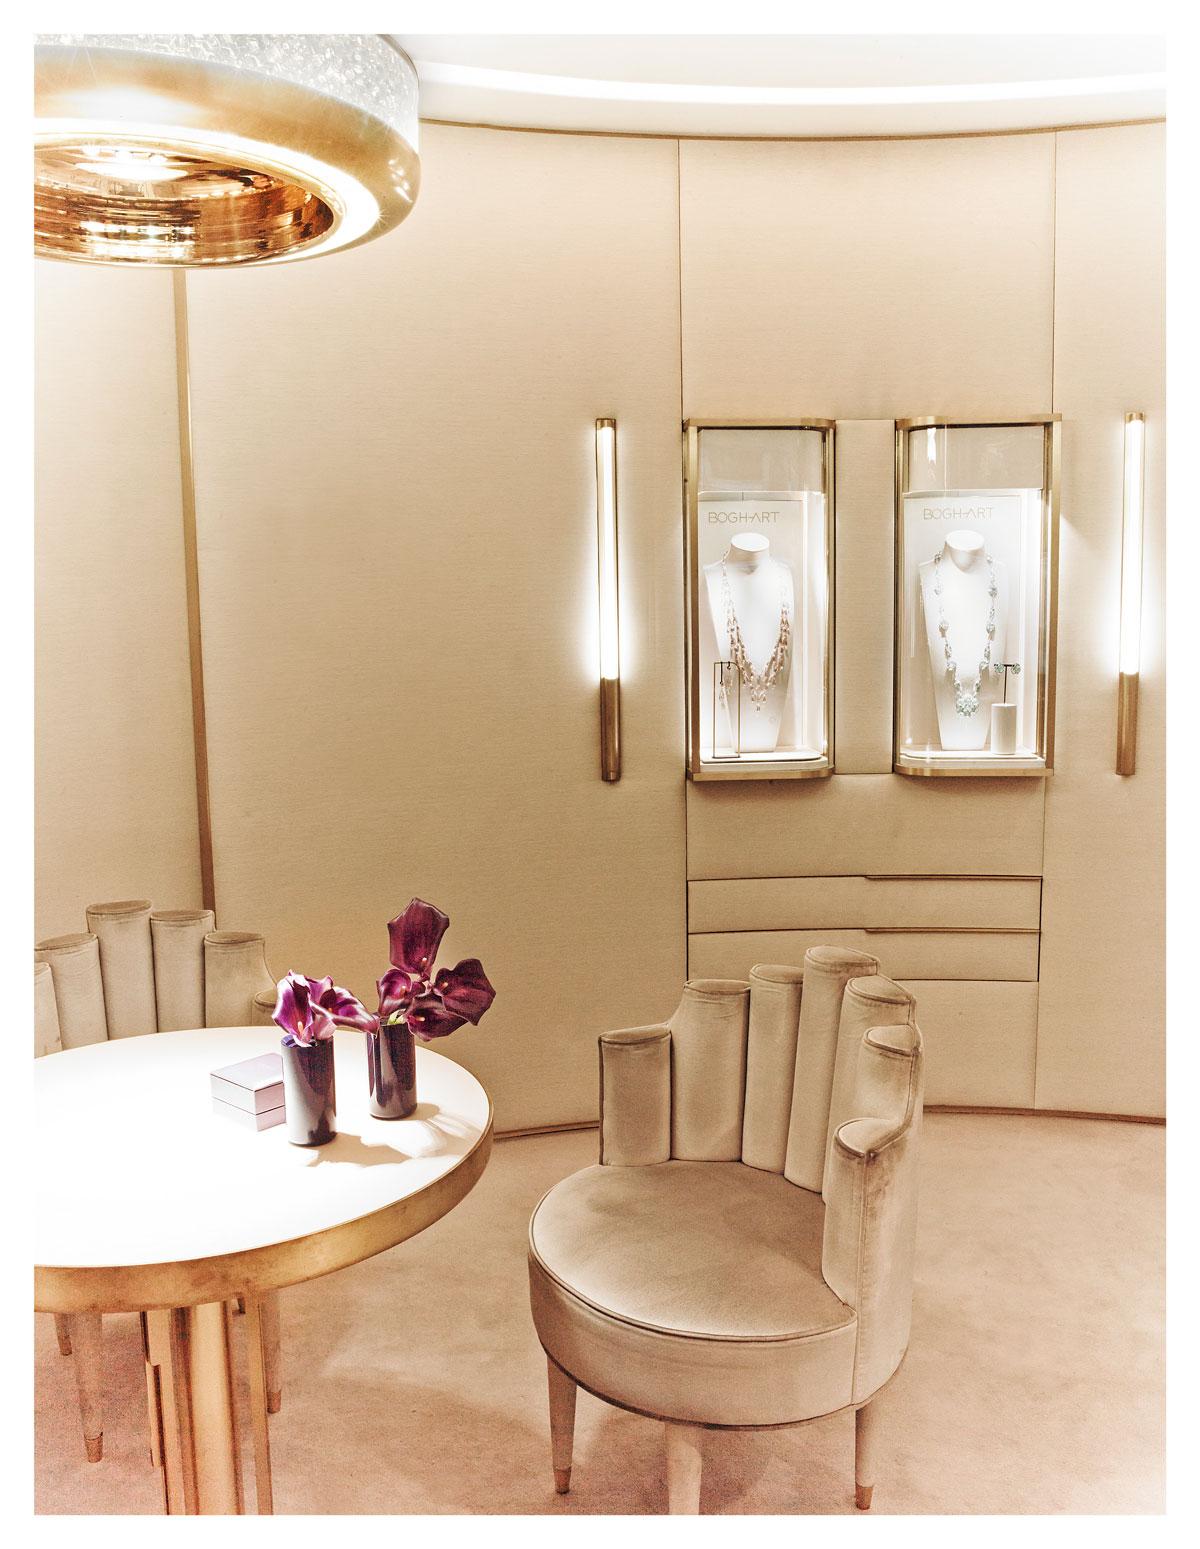 Serge-castella-interiors-boutique-05